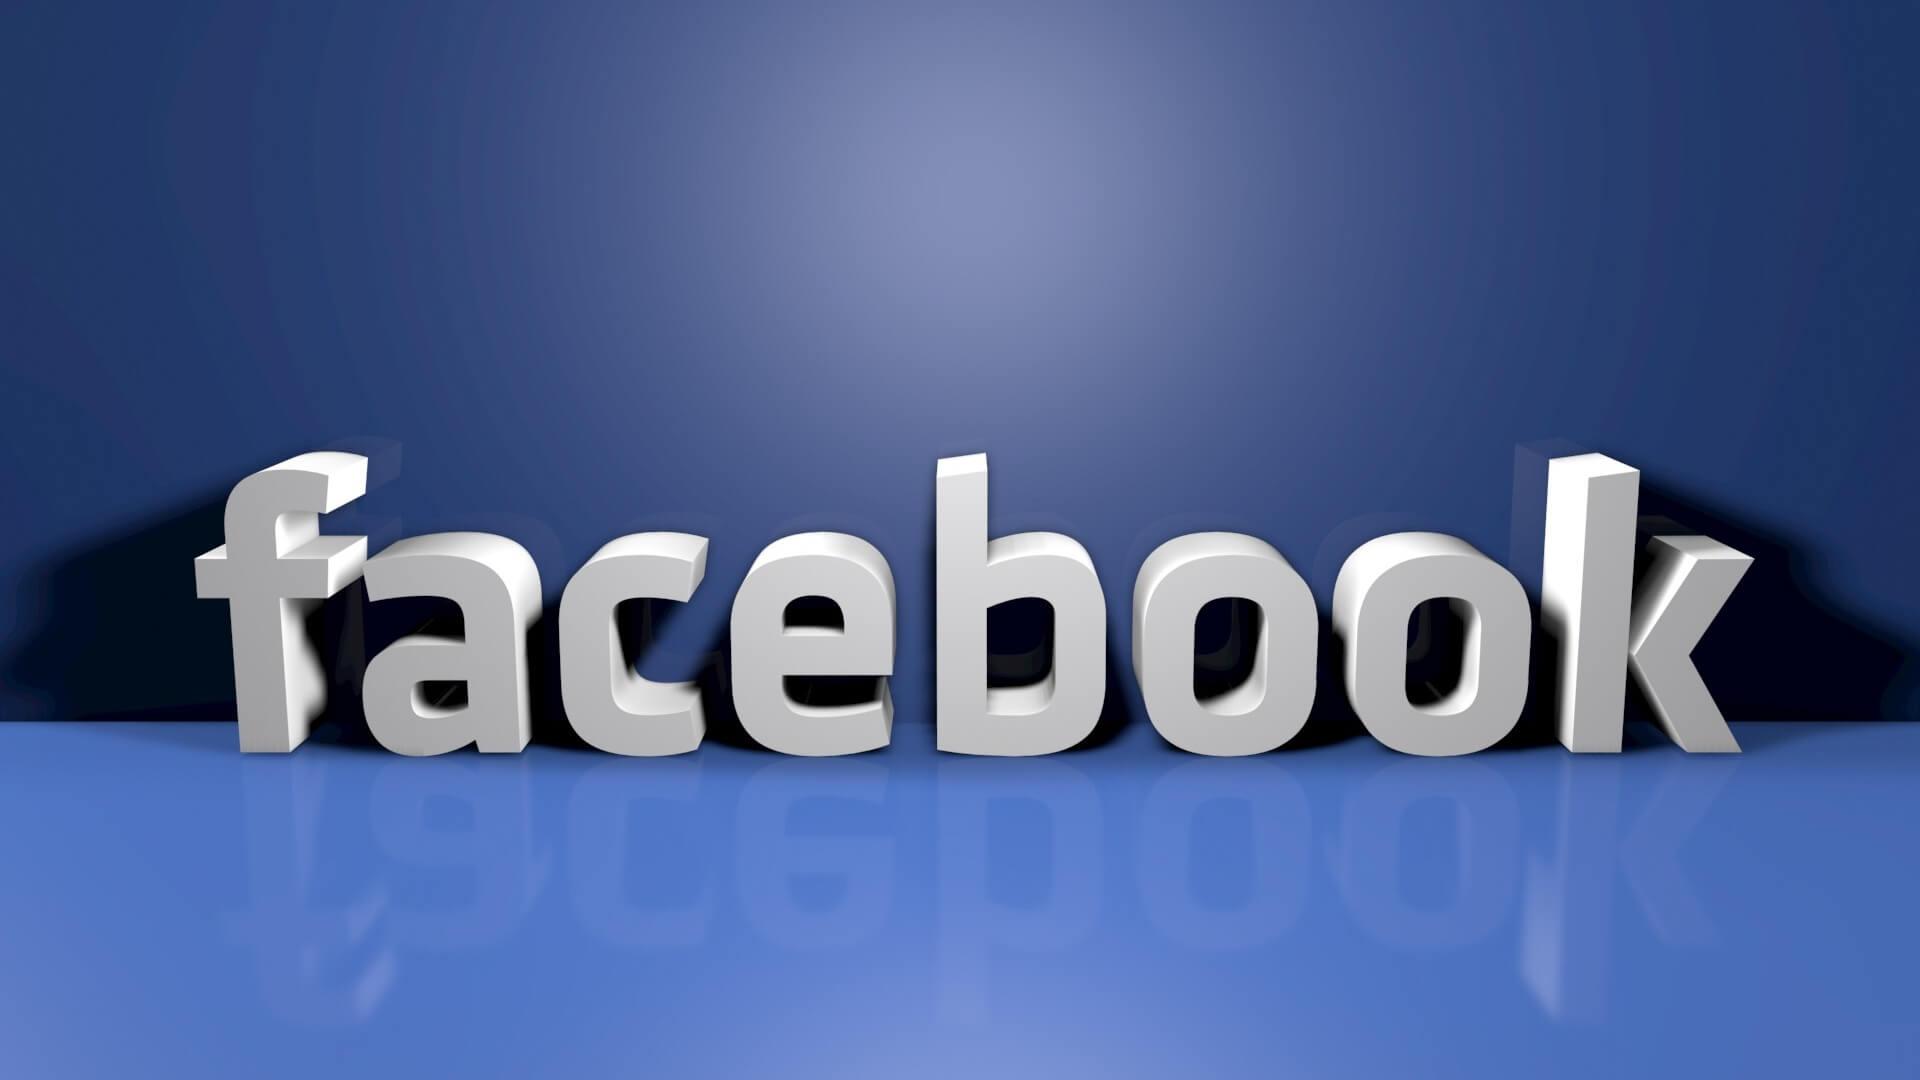 Инвестиции это: Самые успешные инвестиции - Facebook